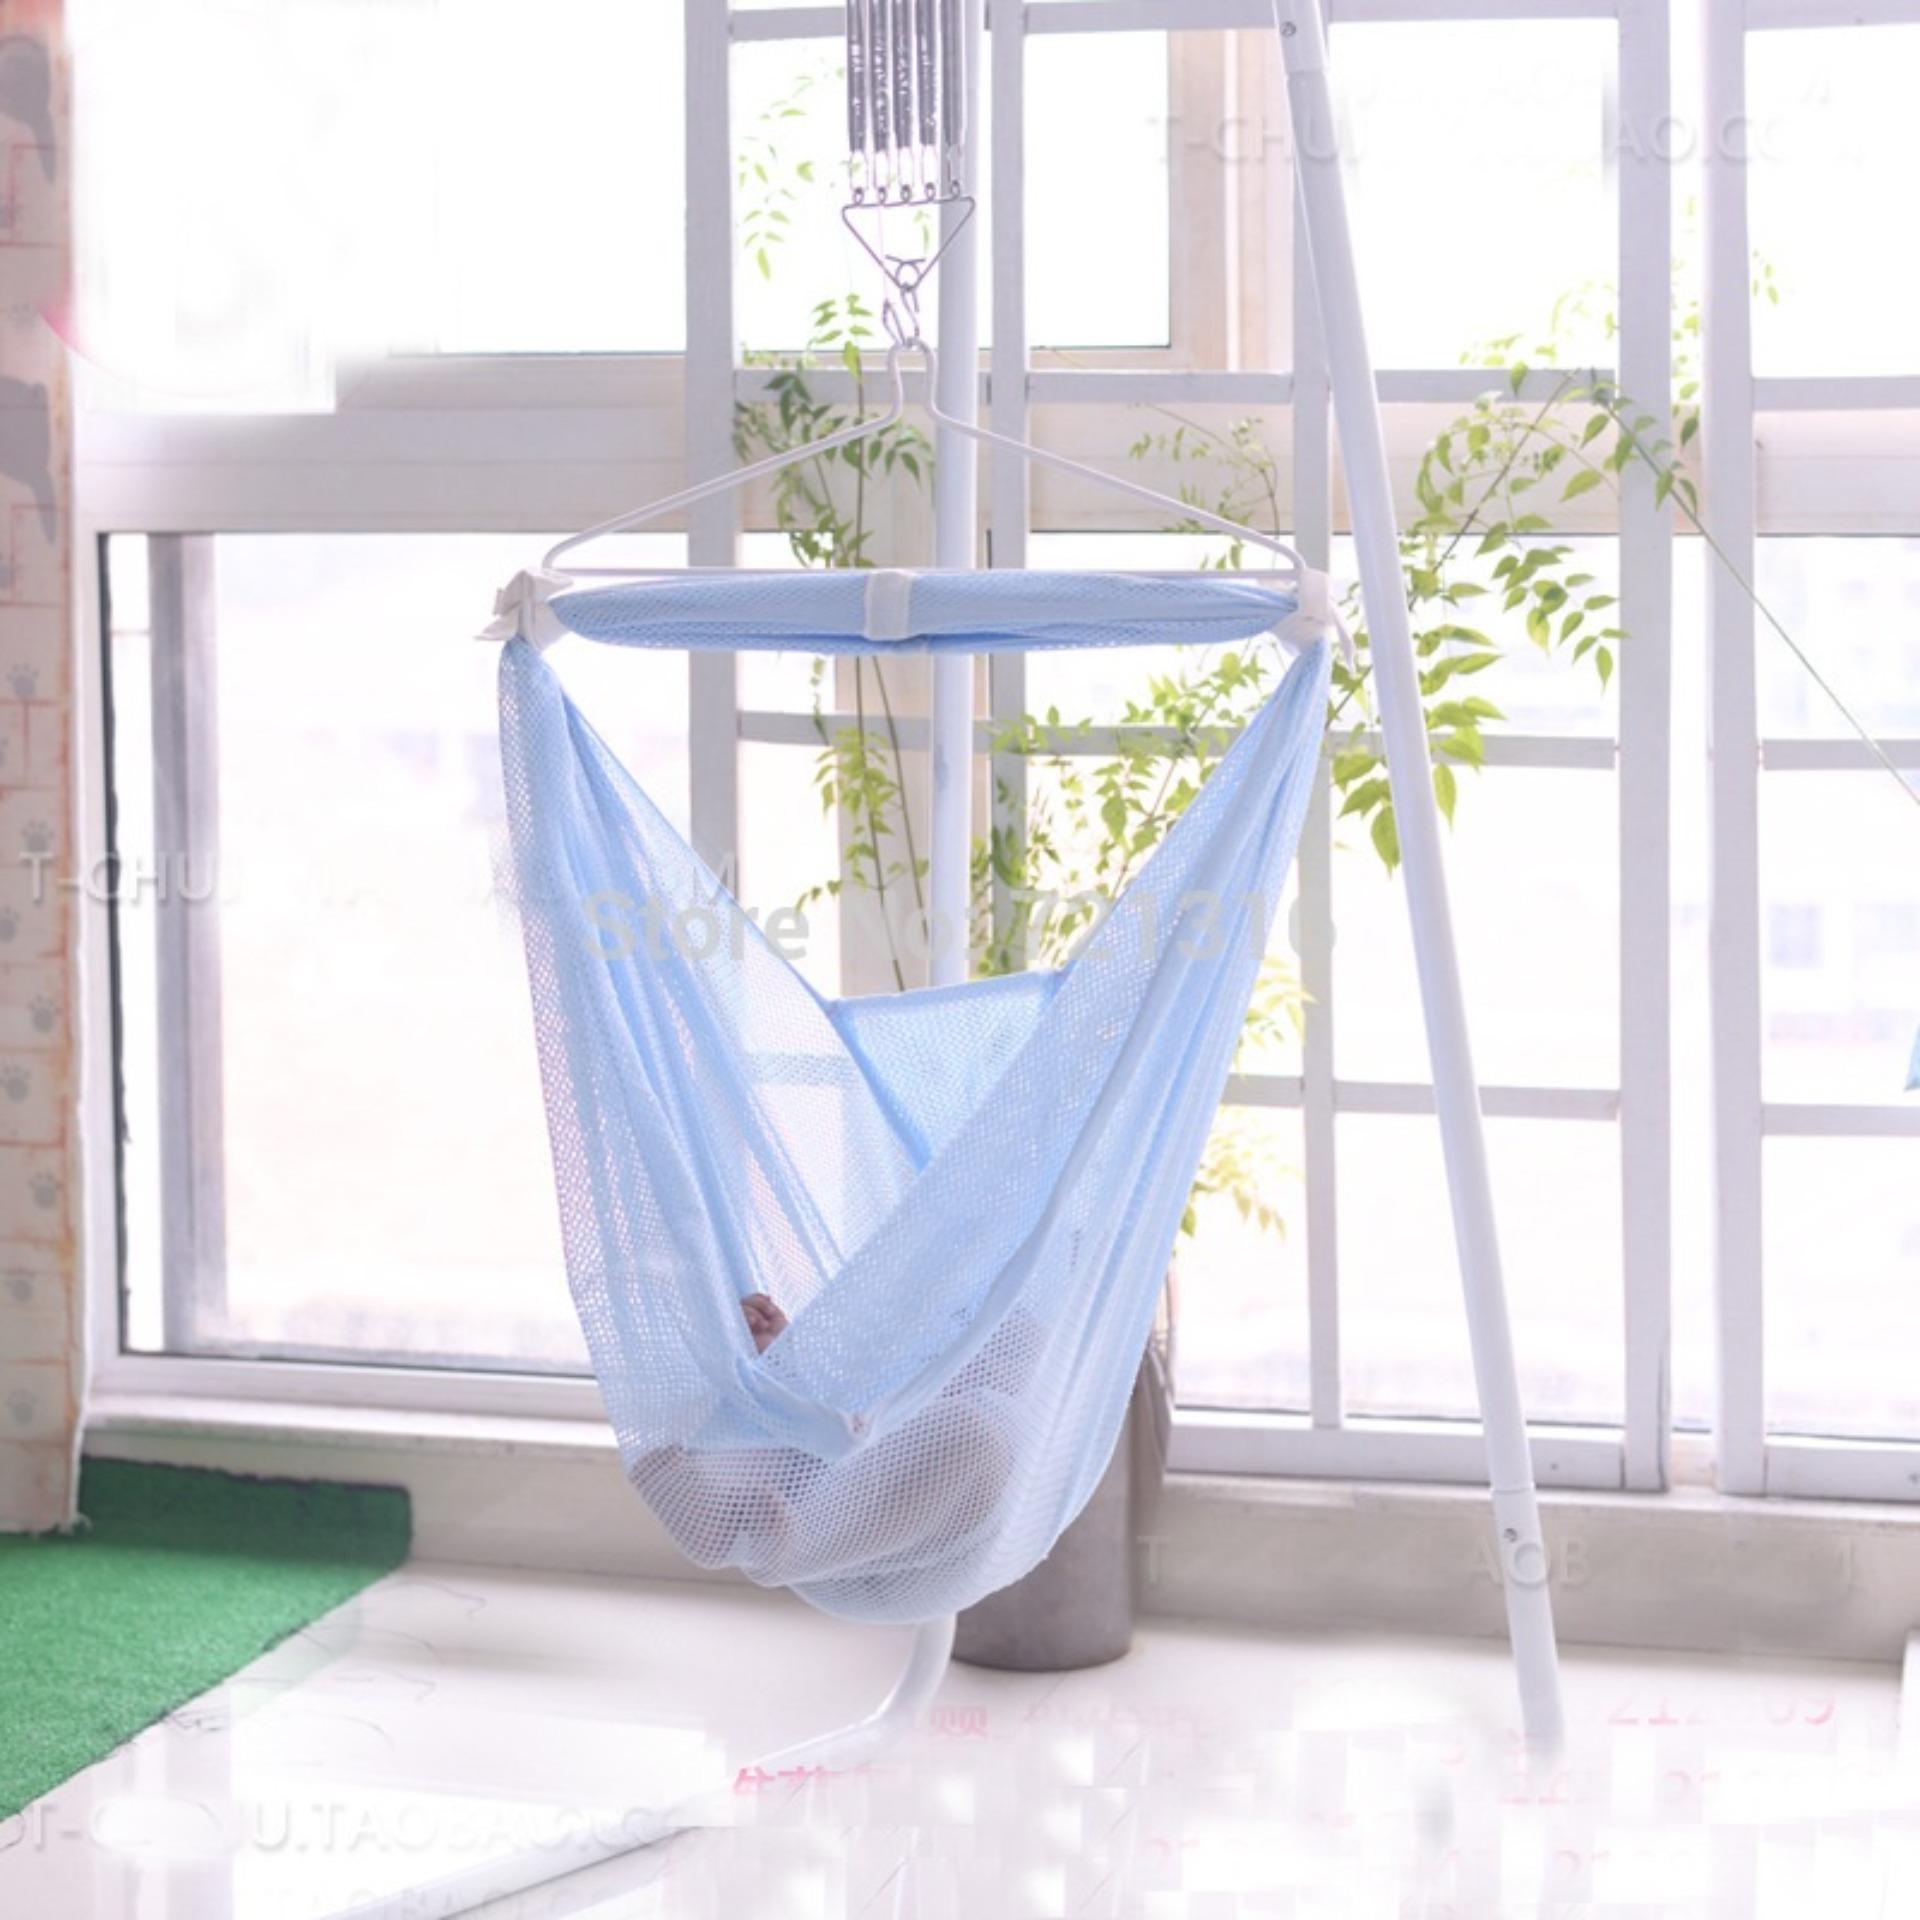 Orient Tiang Ayunan Bayi Jo Warna Daftar Harga Terbaru Dan Merk Joe Yi Joeyi 5 Per Extra Kelambu Piringshop